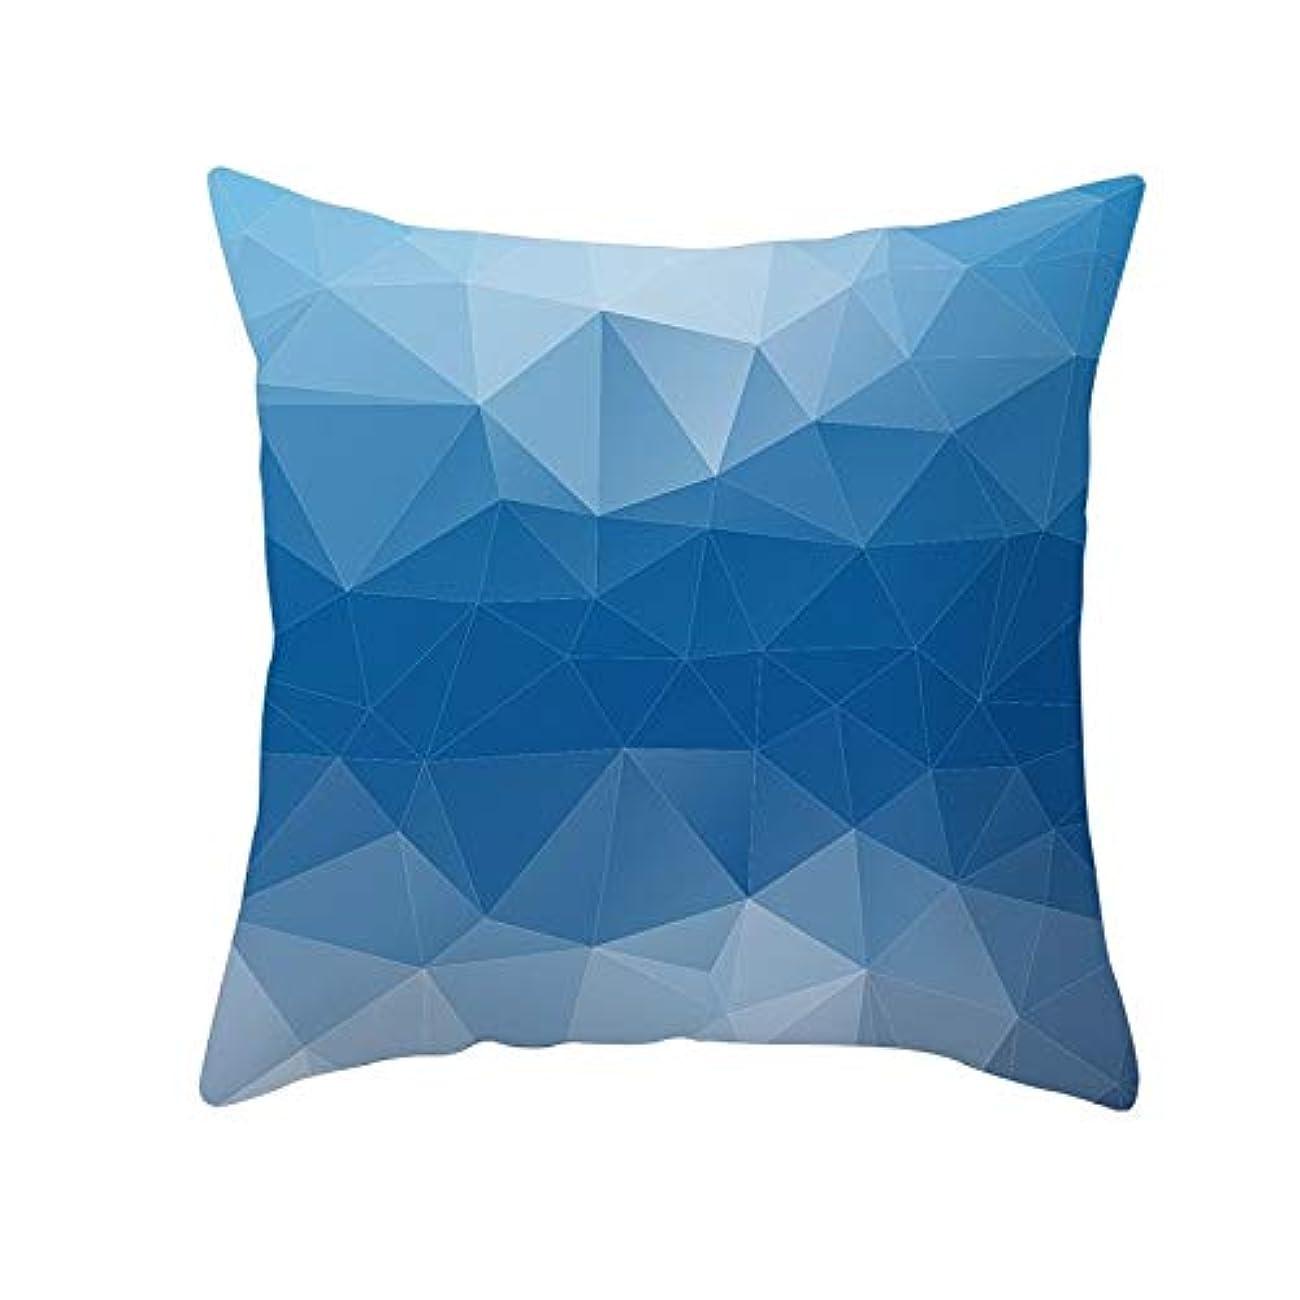 卑しい有名なエロチックLIFE 装飾クッションソファ 幾何学プリントポリエステル正方形の枕ソファスロークッション家の装飾 coussin デ長椅子 クッション 椅子